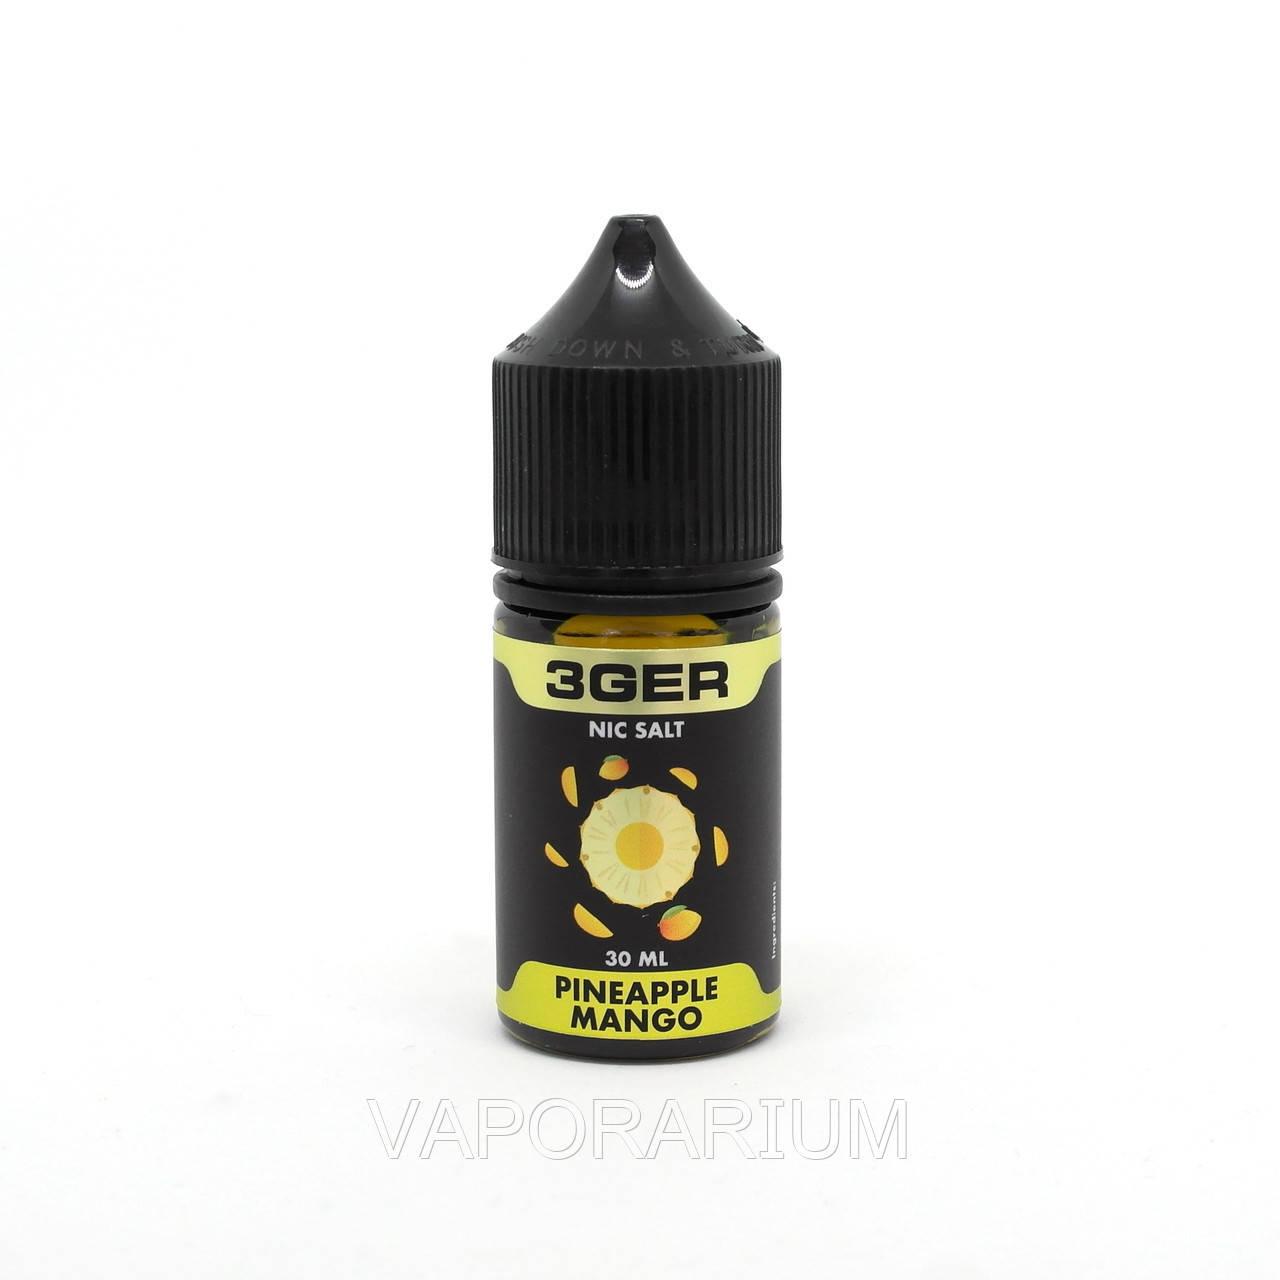 Жидкость для электронных сигарет 3Ger Salt Pineapple Mango 35 мг 30 мл